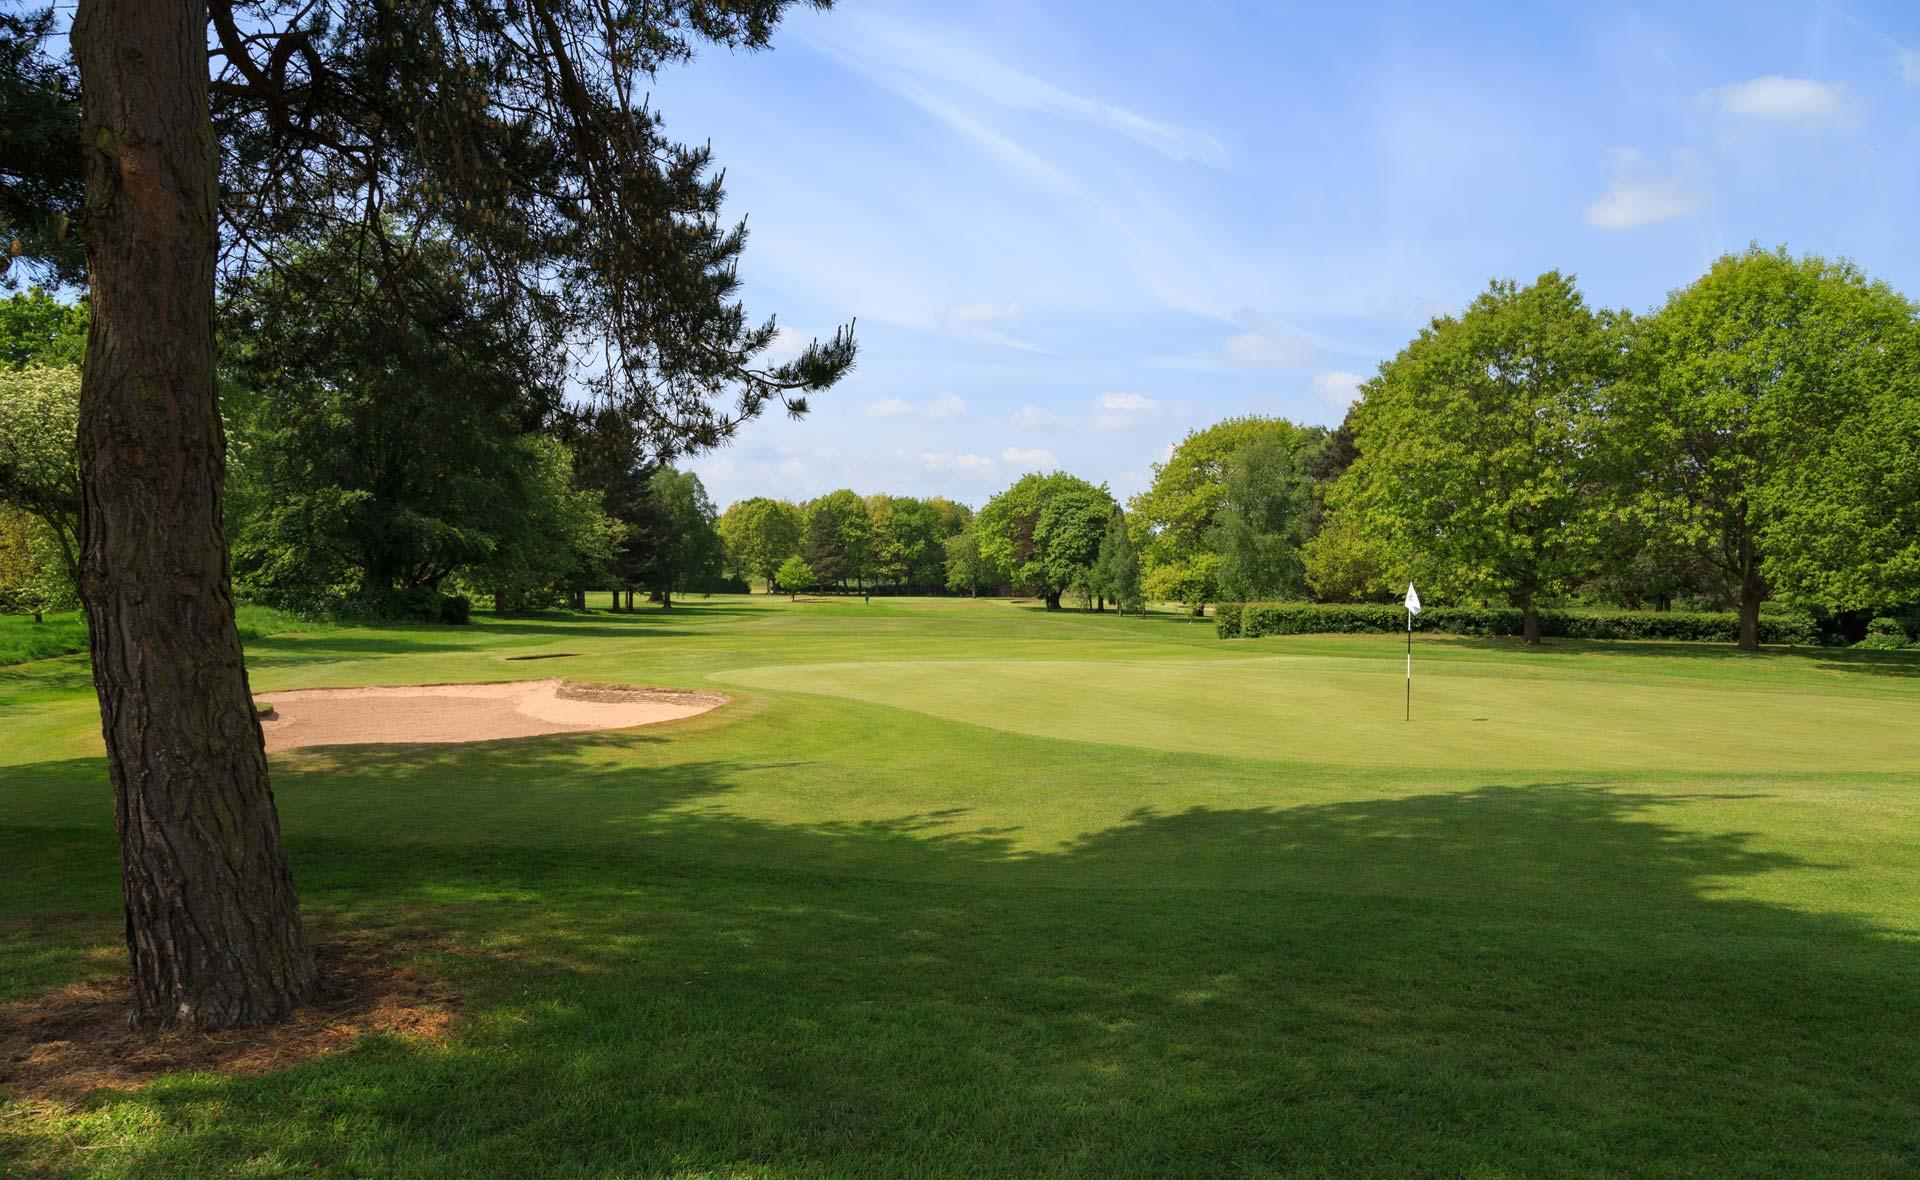 south staffordshire golf club hole 2